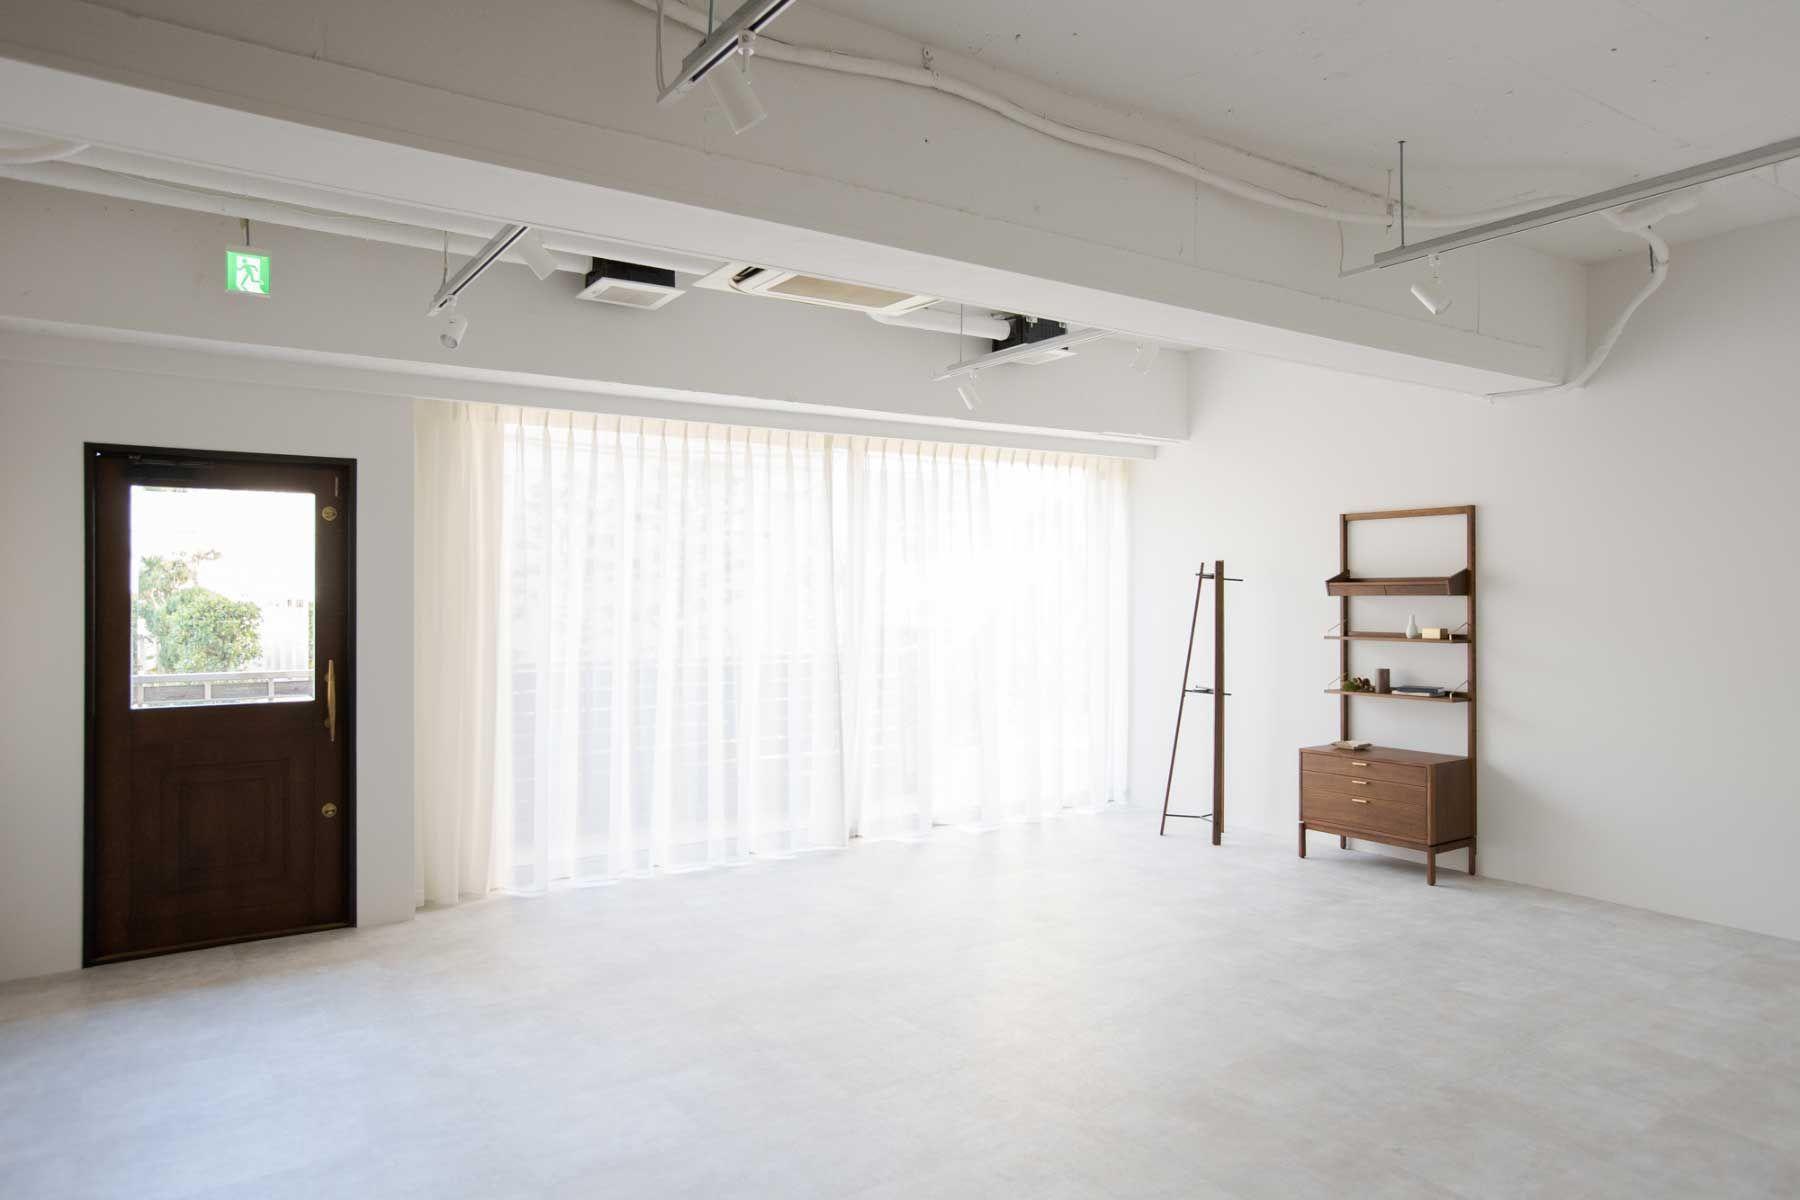 studio ankaa (スタジオ アンカー)午前の光